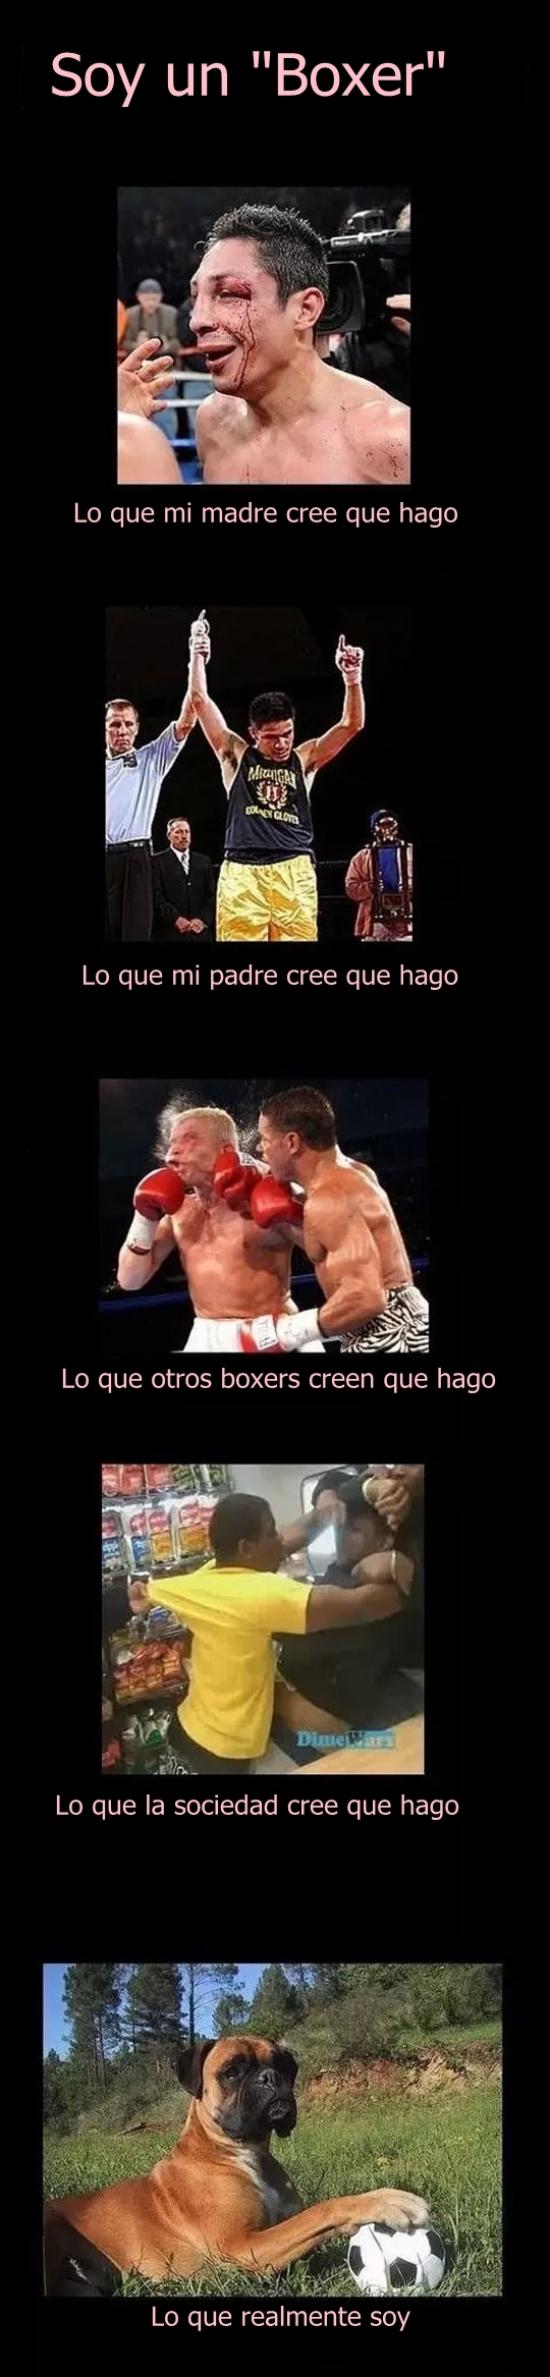 Meme_otros - Prejuicios de los ''boxers''